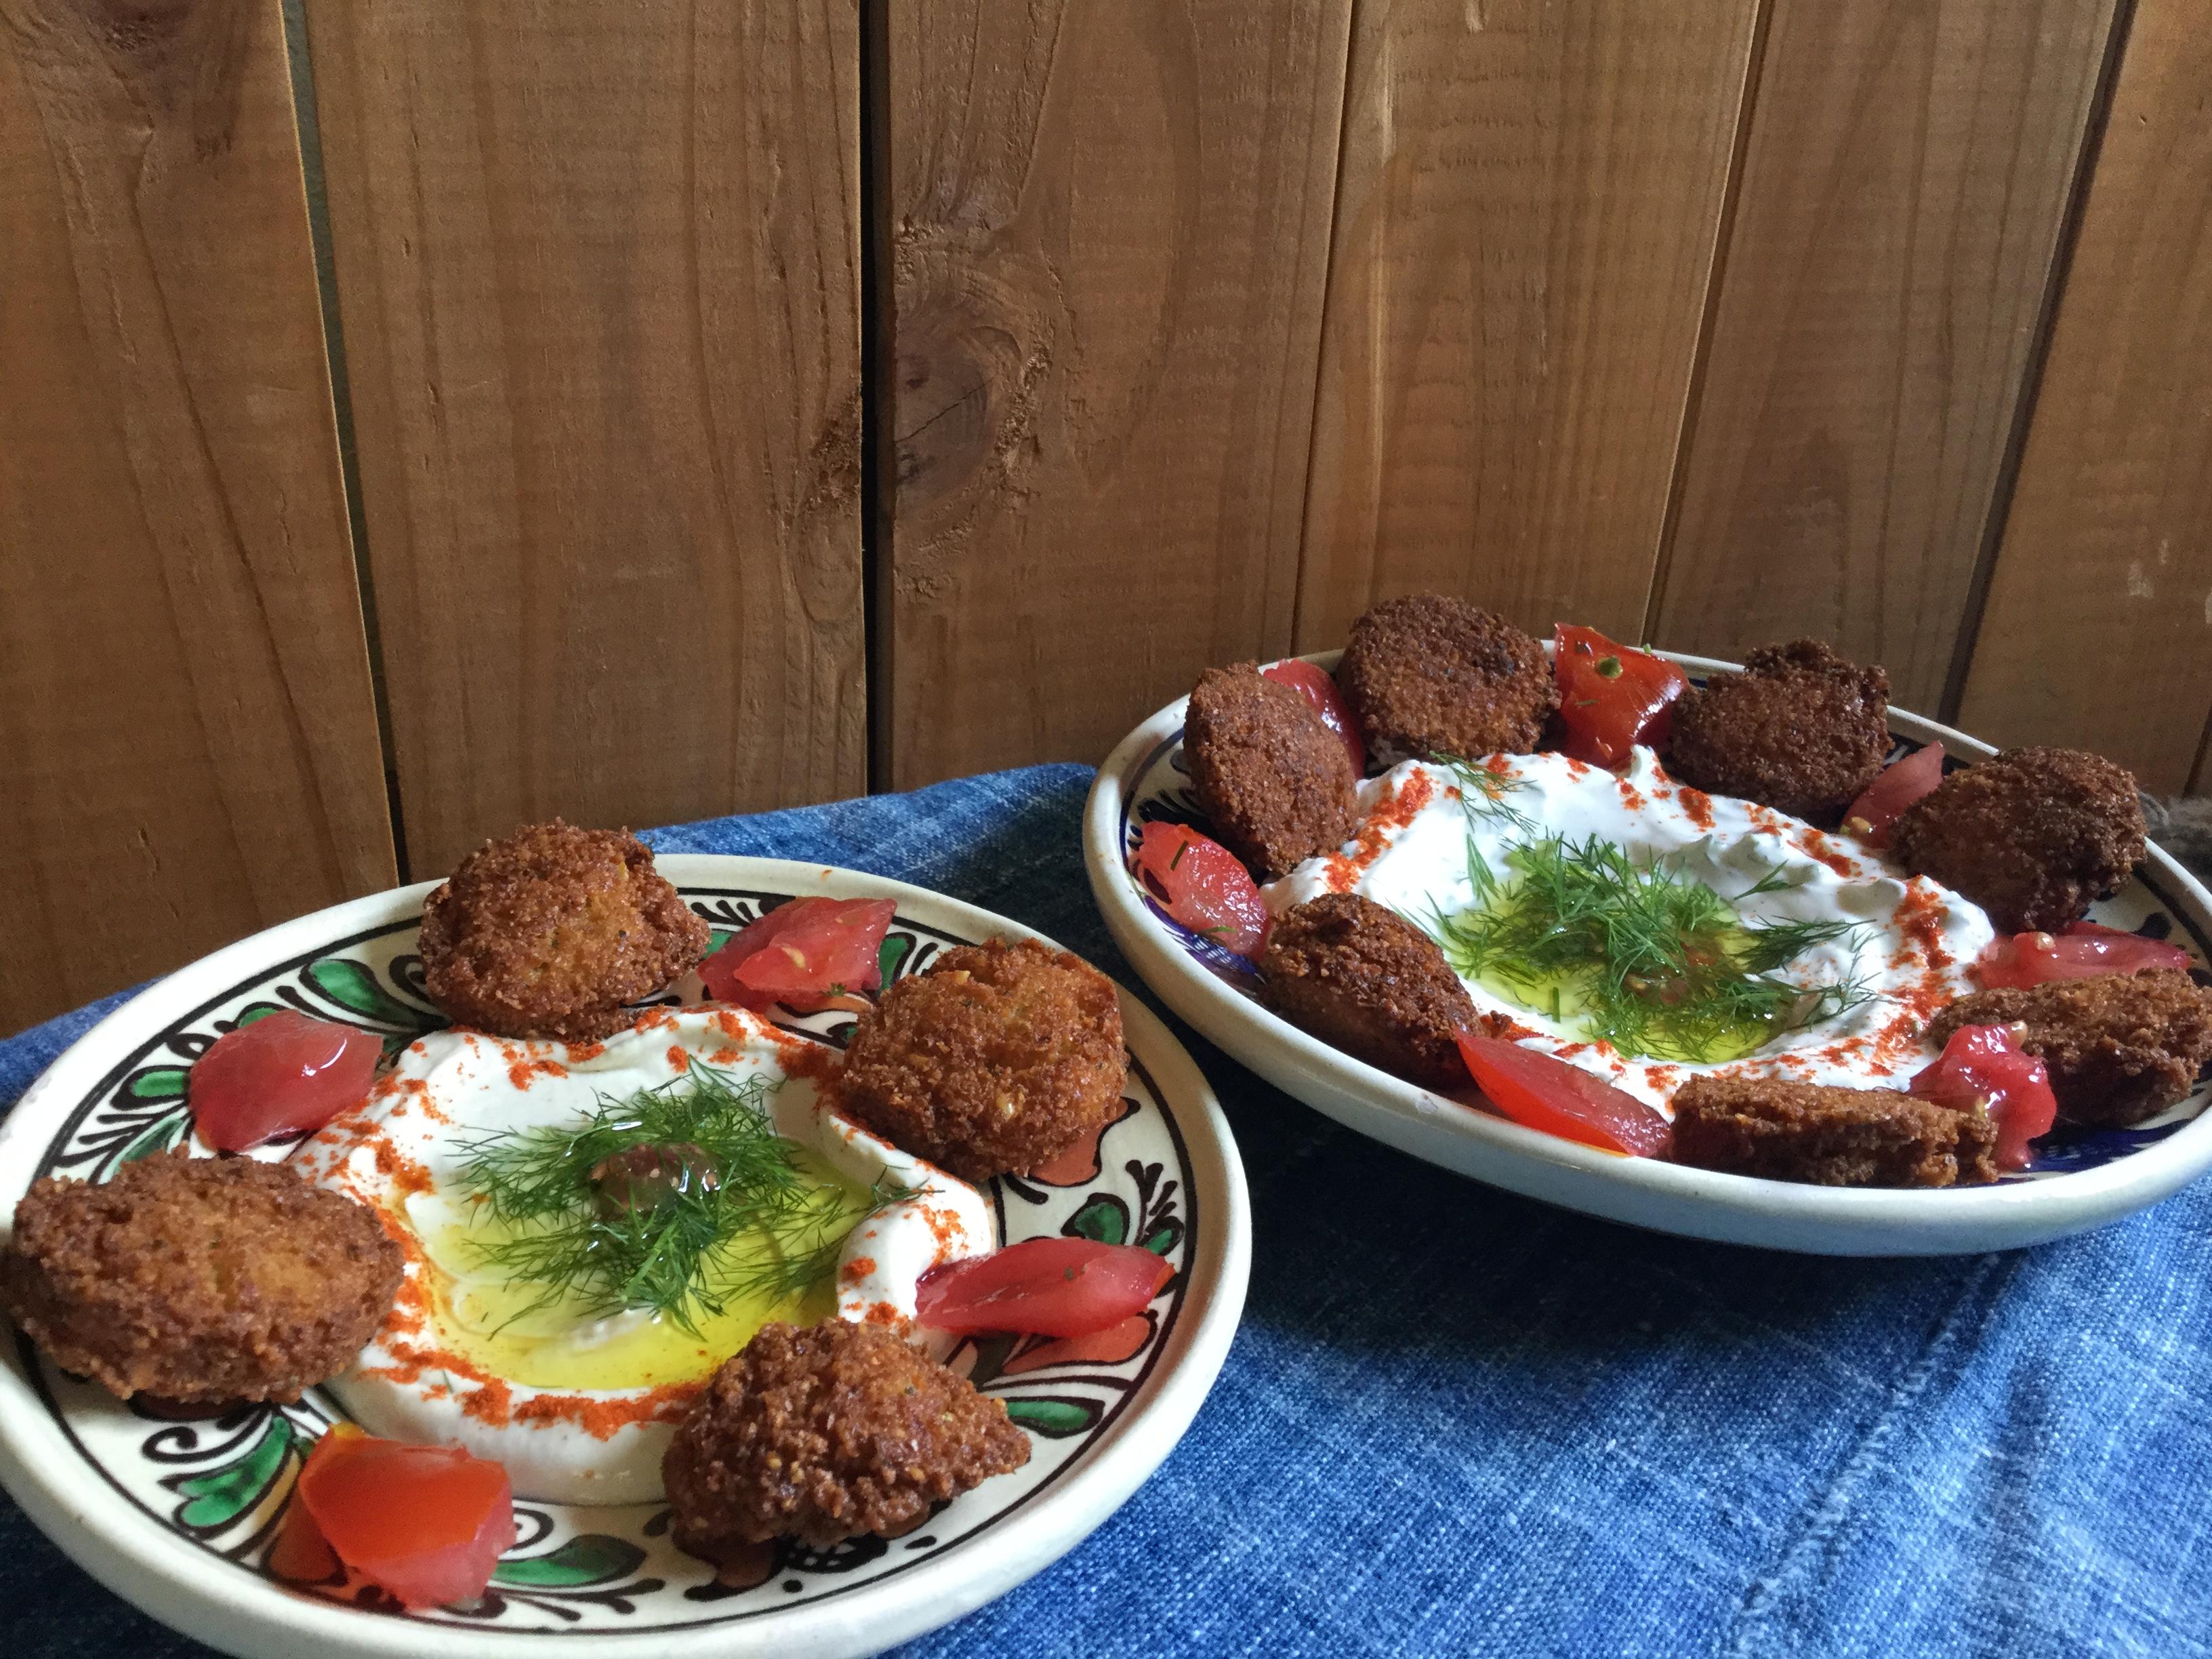 忙しい日常を離れて休日のランチに地中海料理を家庭で楽しむ方法